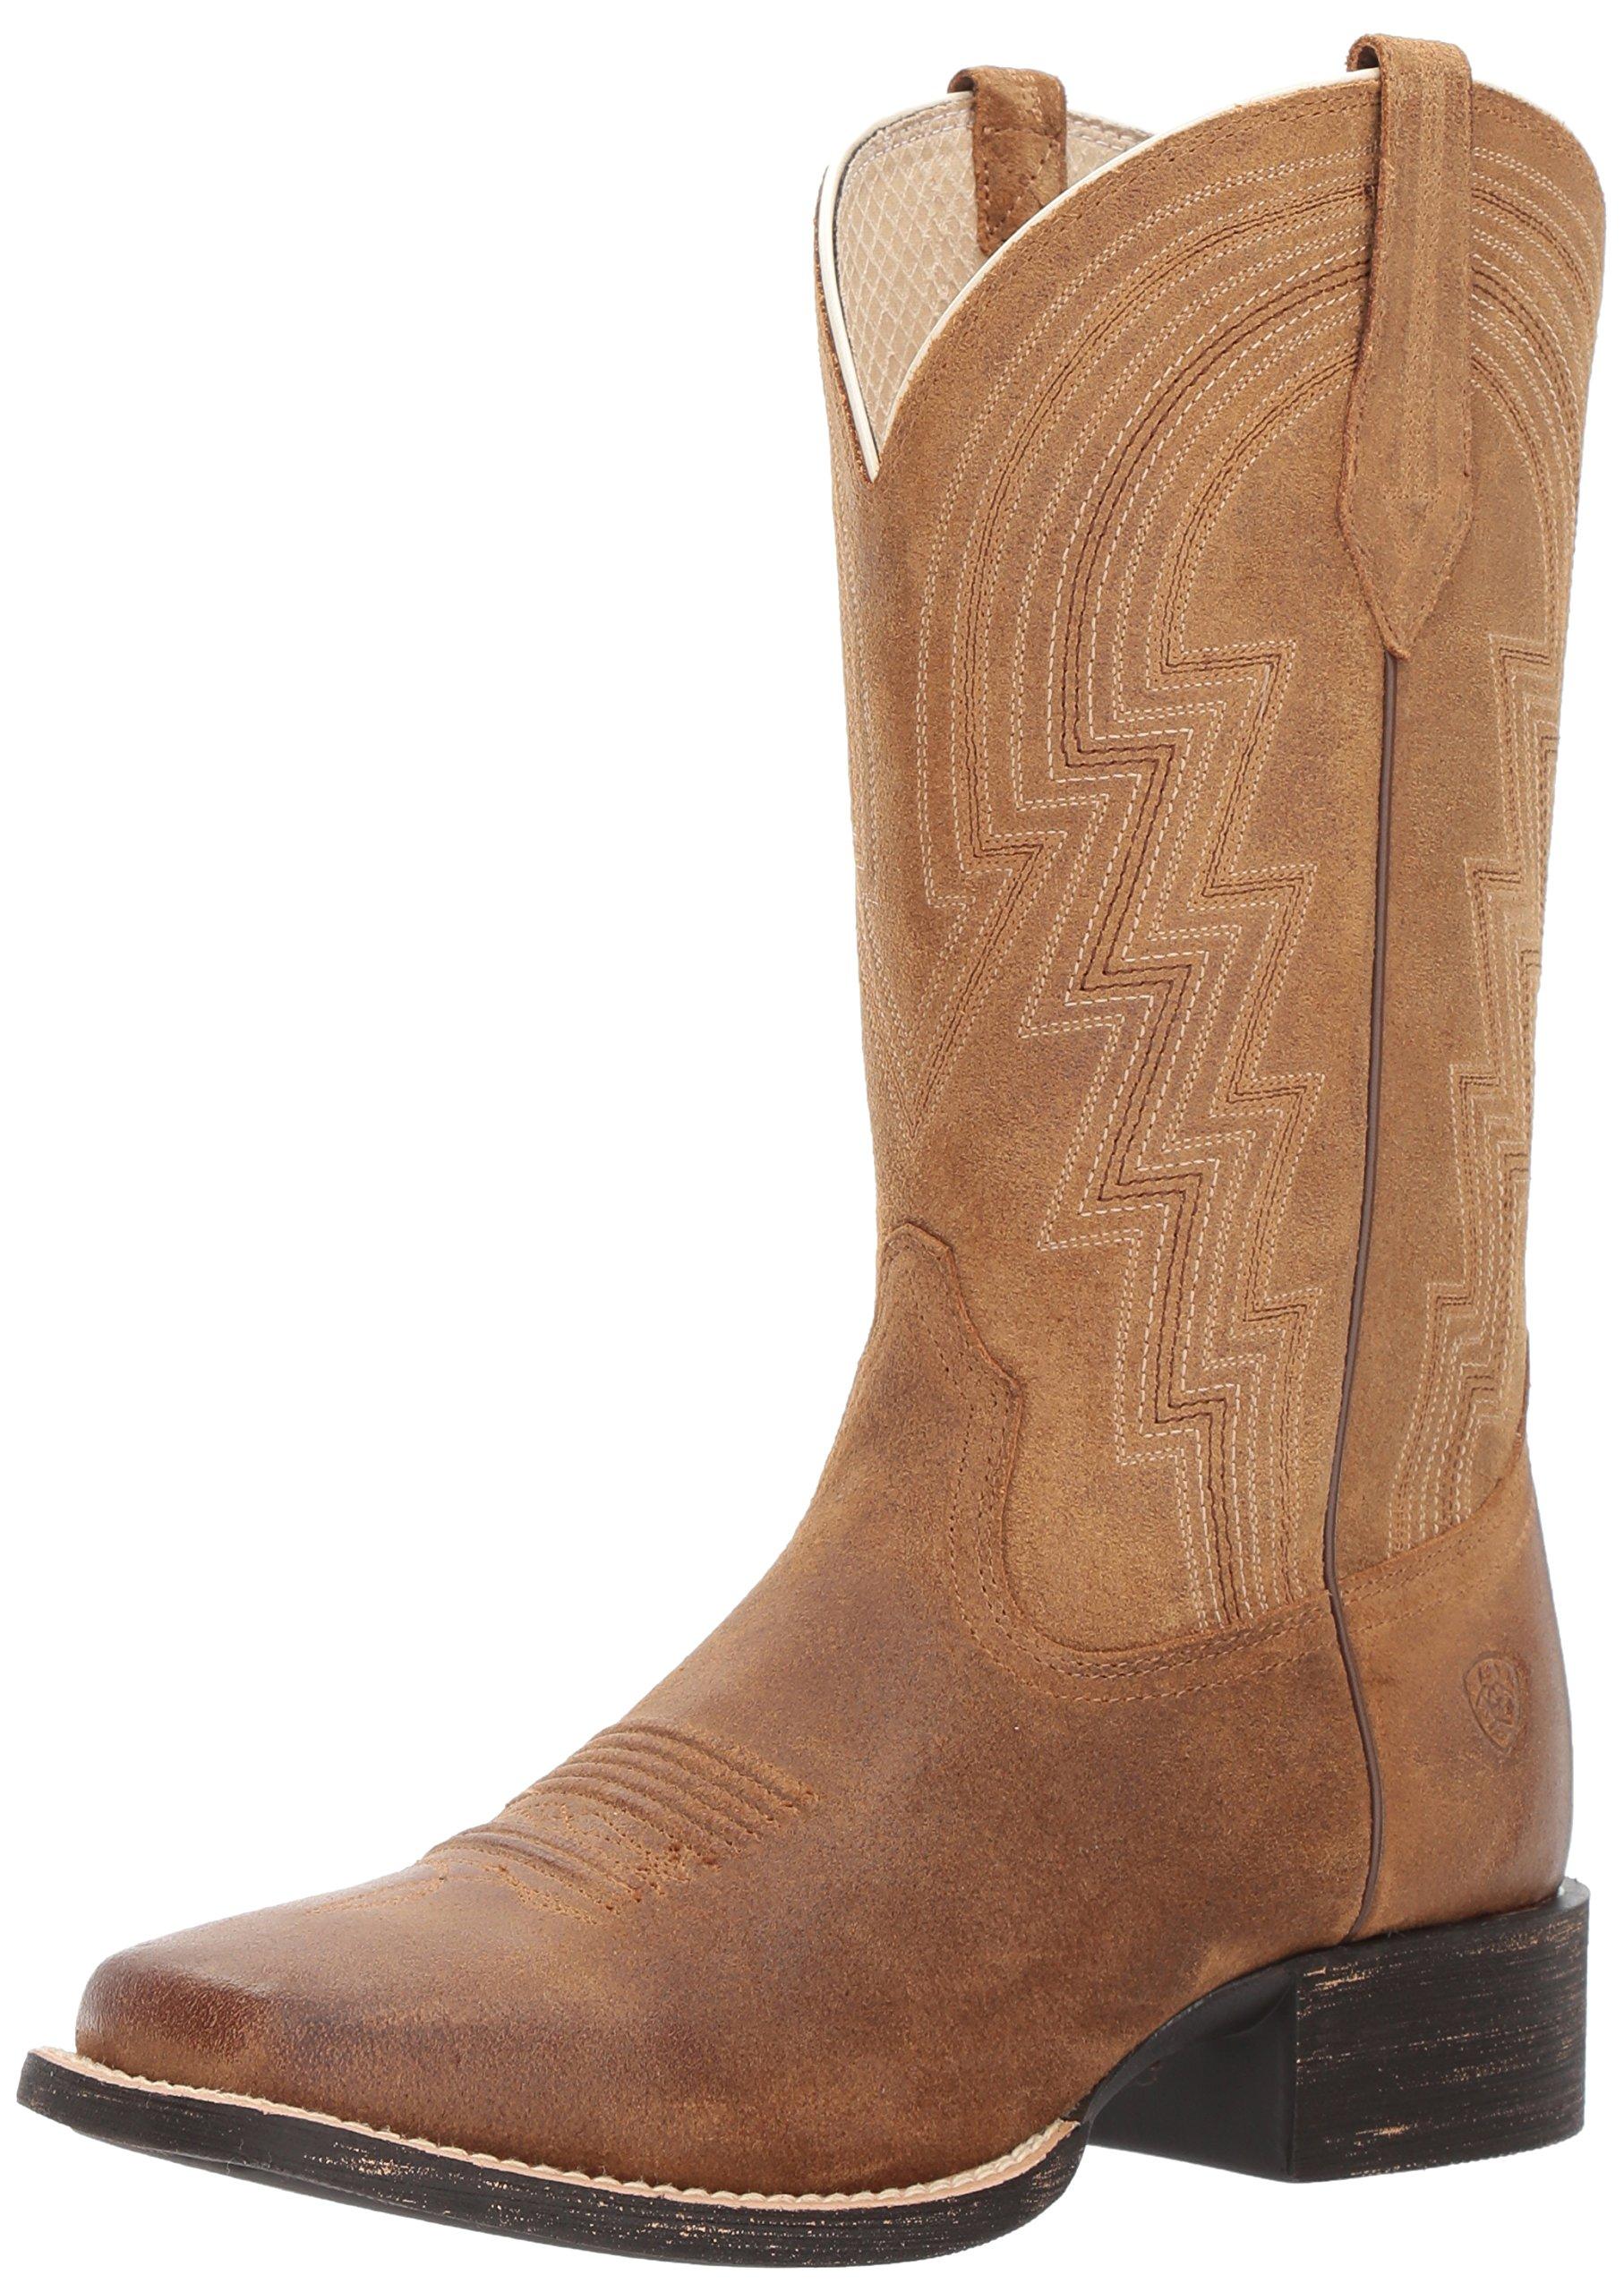 Ariat Women's Round up Waylon Work Boot, Old West Tan, 6 B US